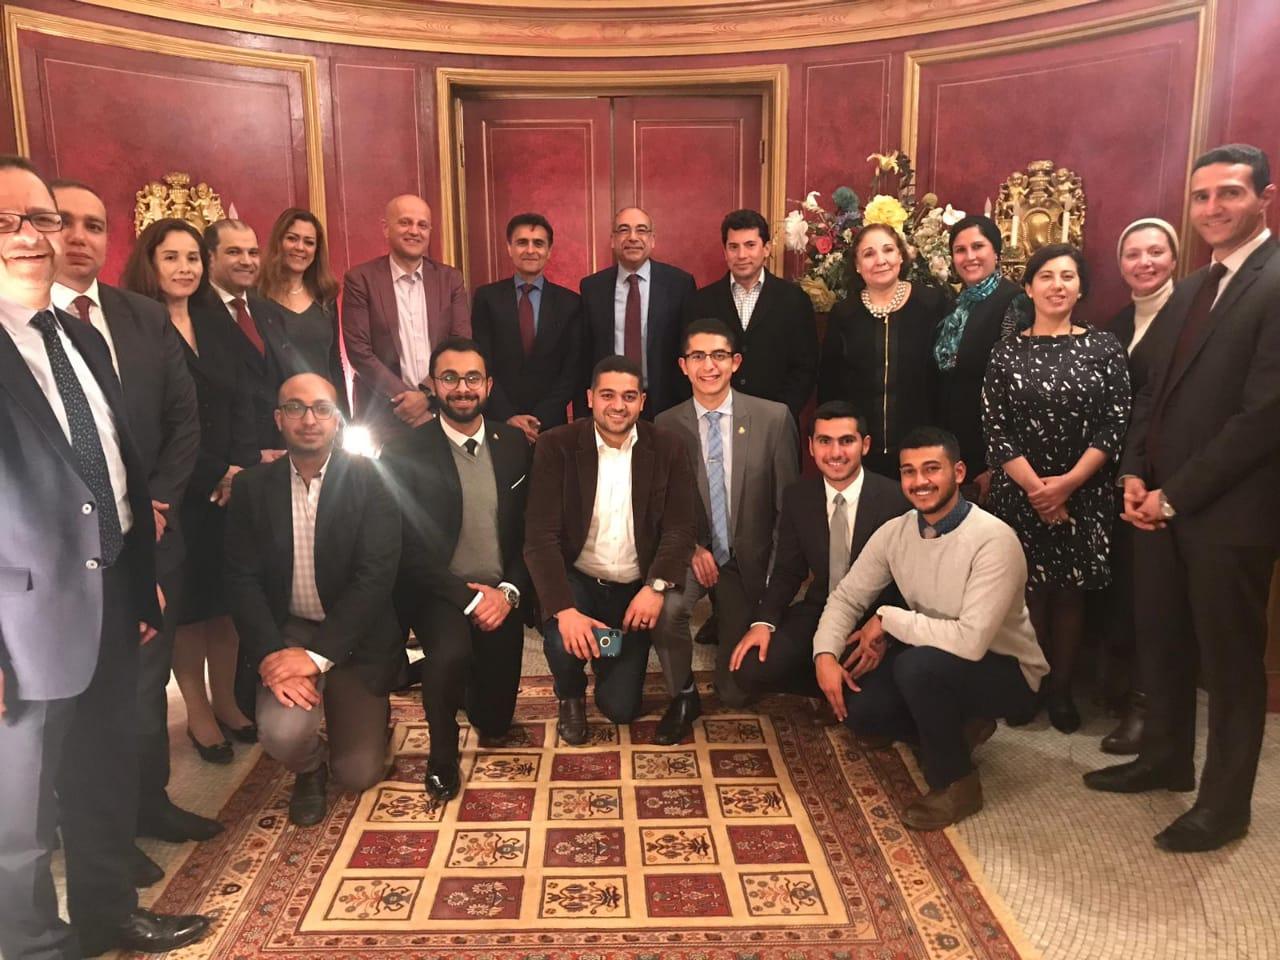 الوزير و سكرتير صندوق الامم المتحدة و سفير مصر